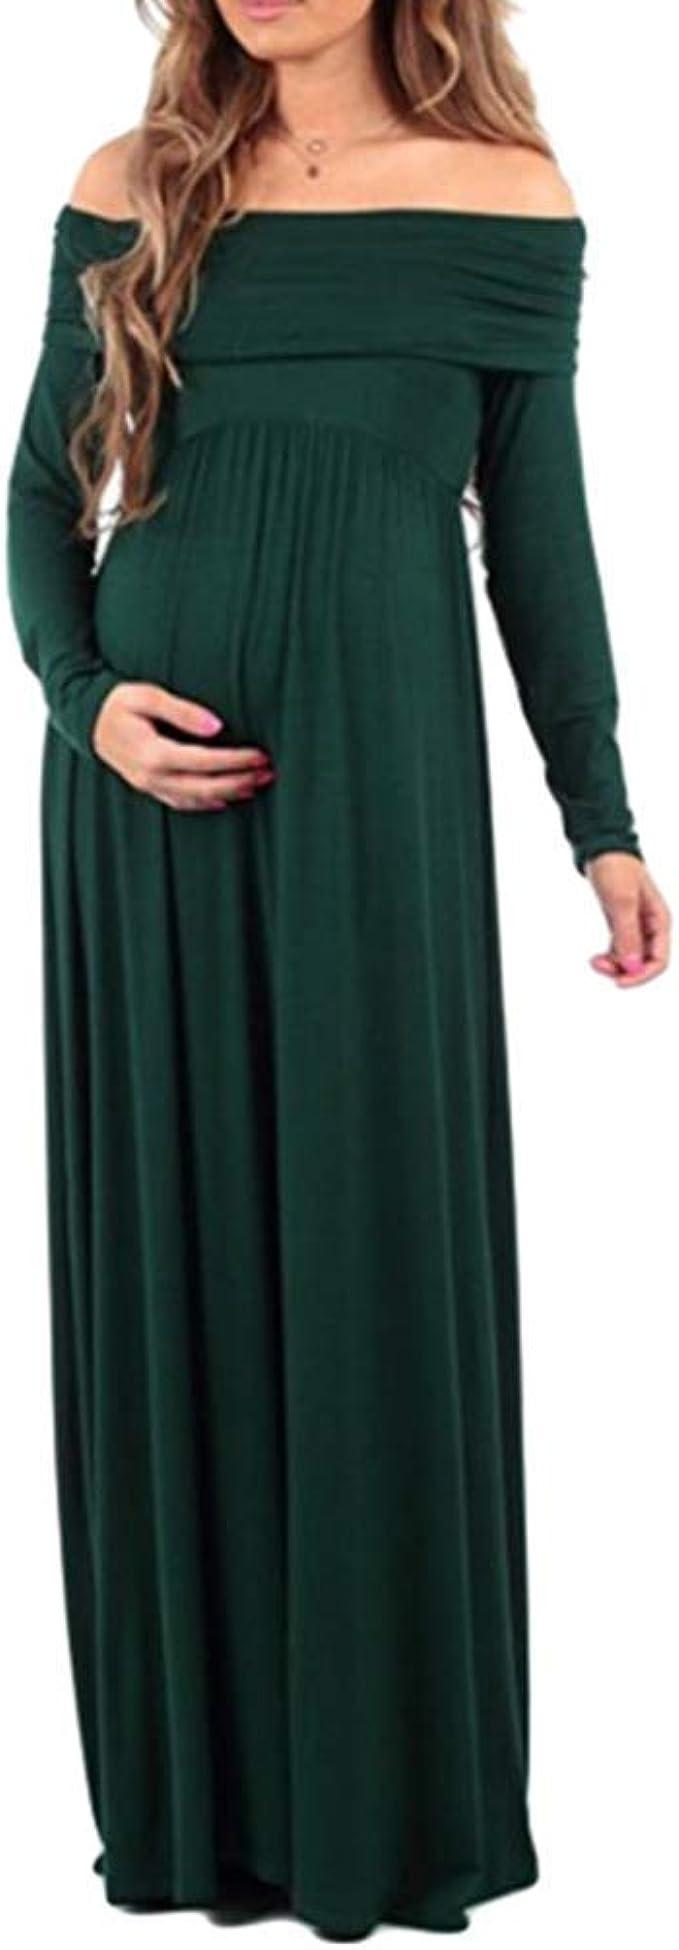 Damen Umstandskleid Fashion Vintage Langarm Maxikleid Normallacks ...